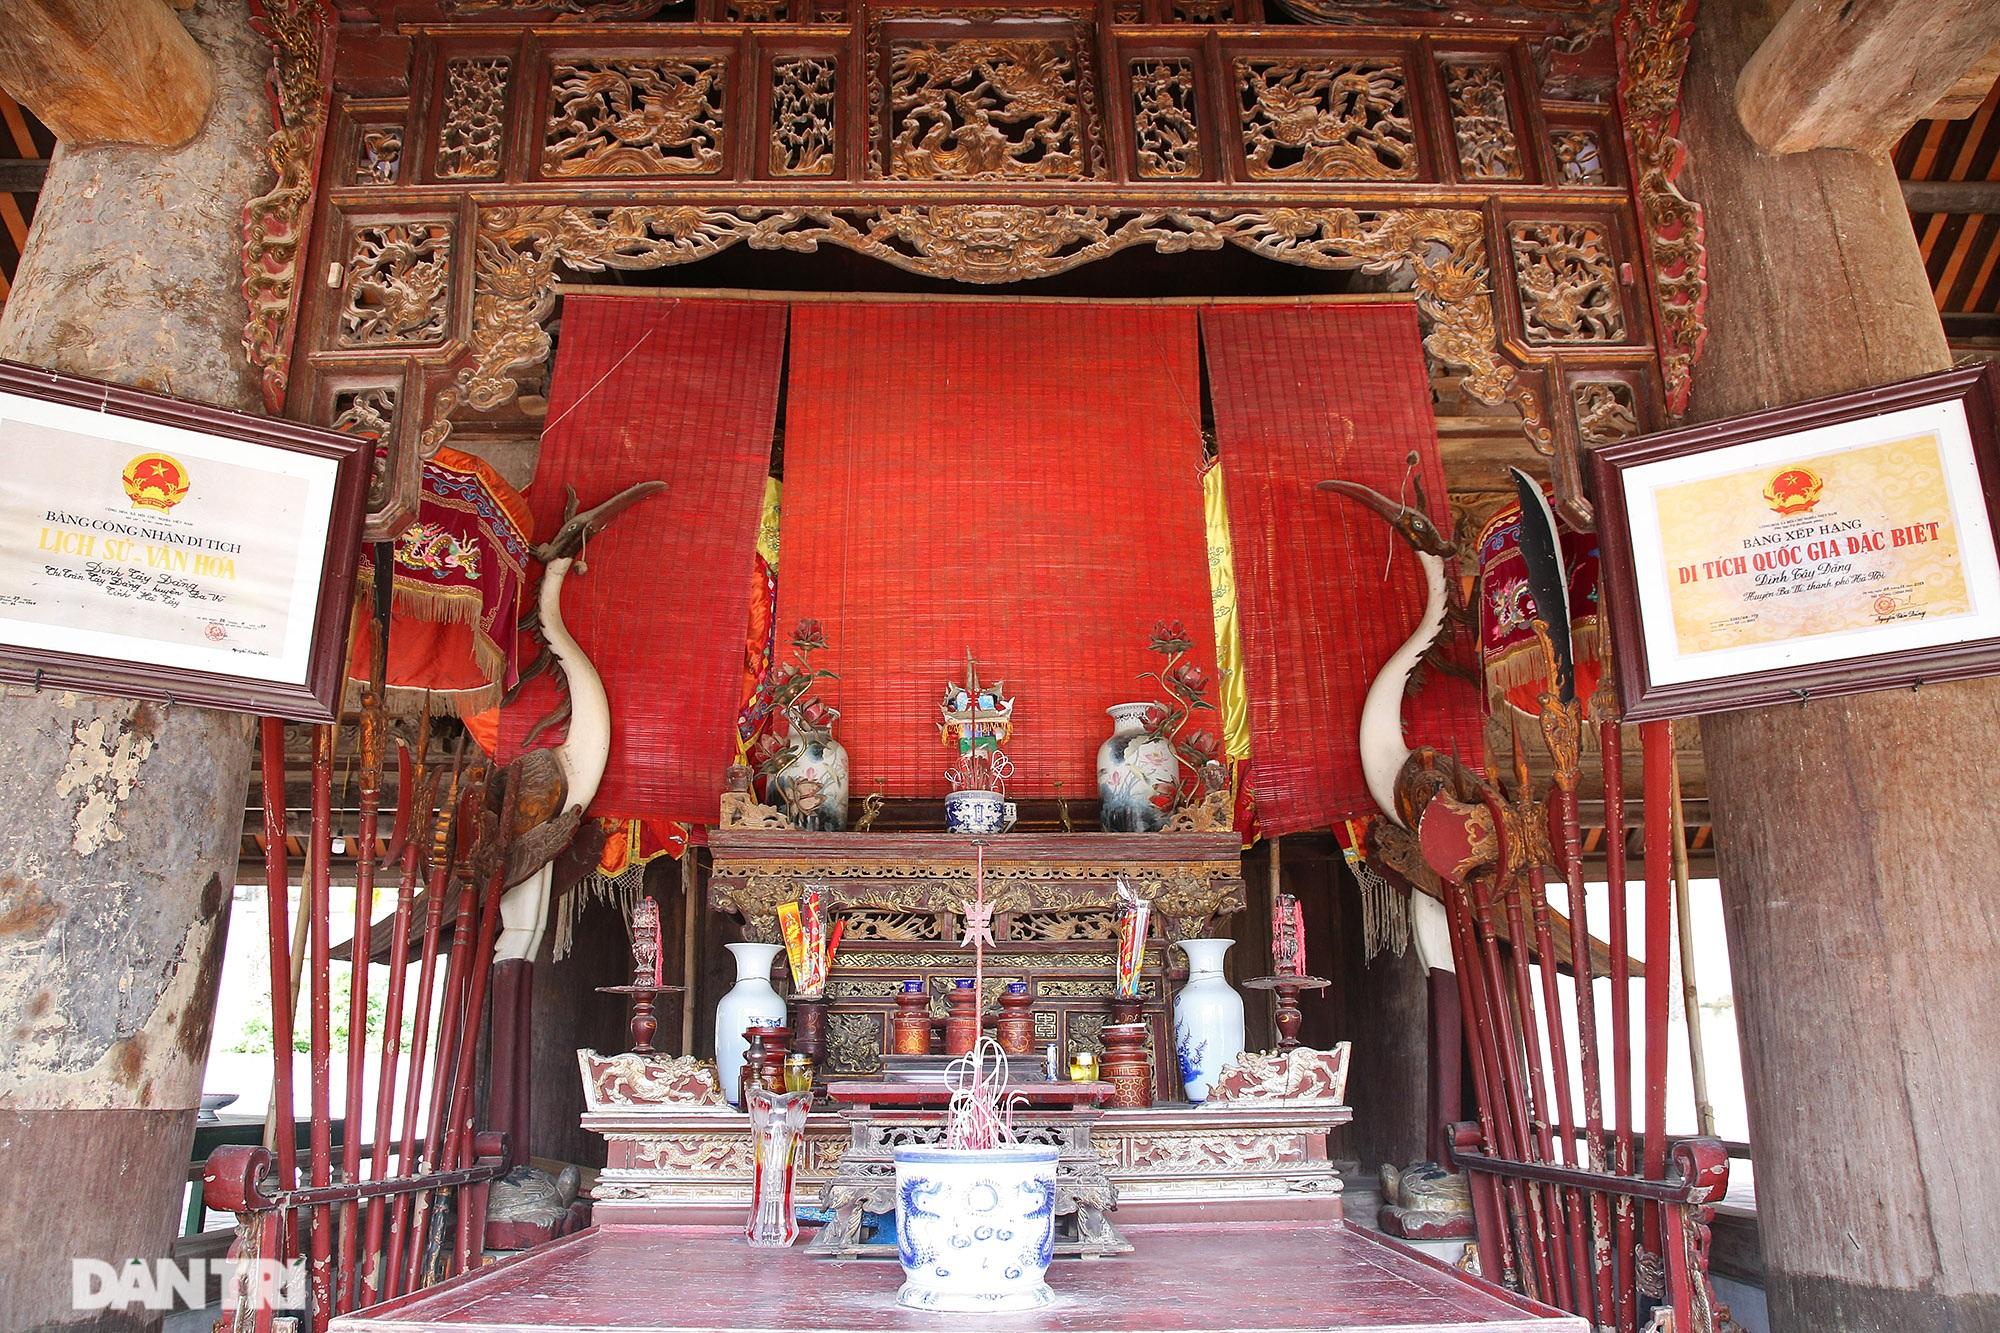 Chiêm ngưỡng tuyệt tác chạm khắc hơn 400 năm tuổi tại Hà Nội - 13